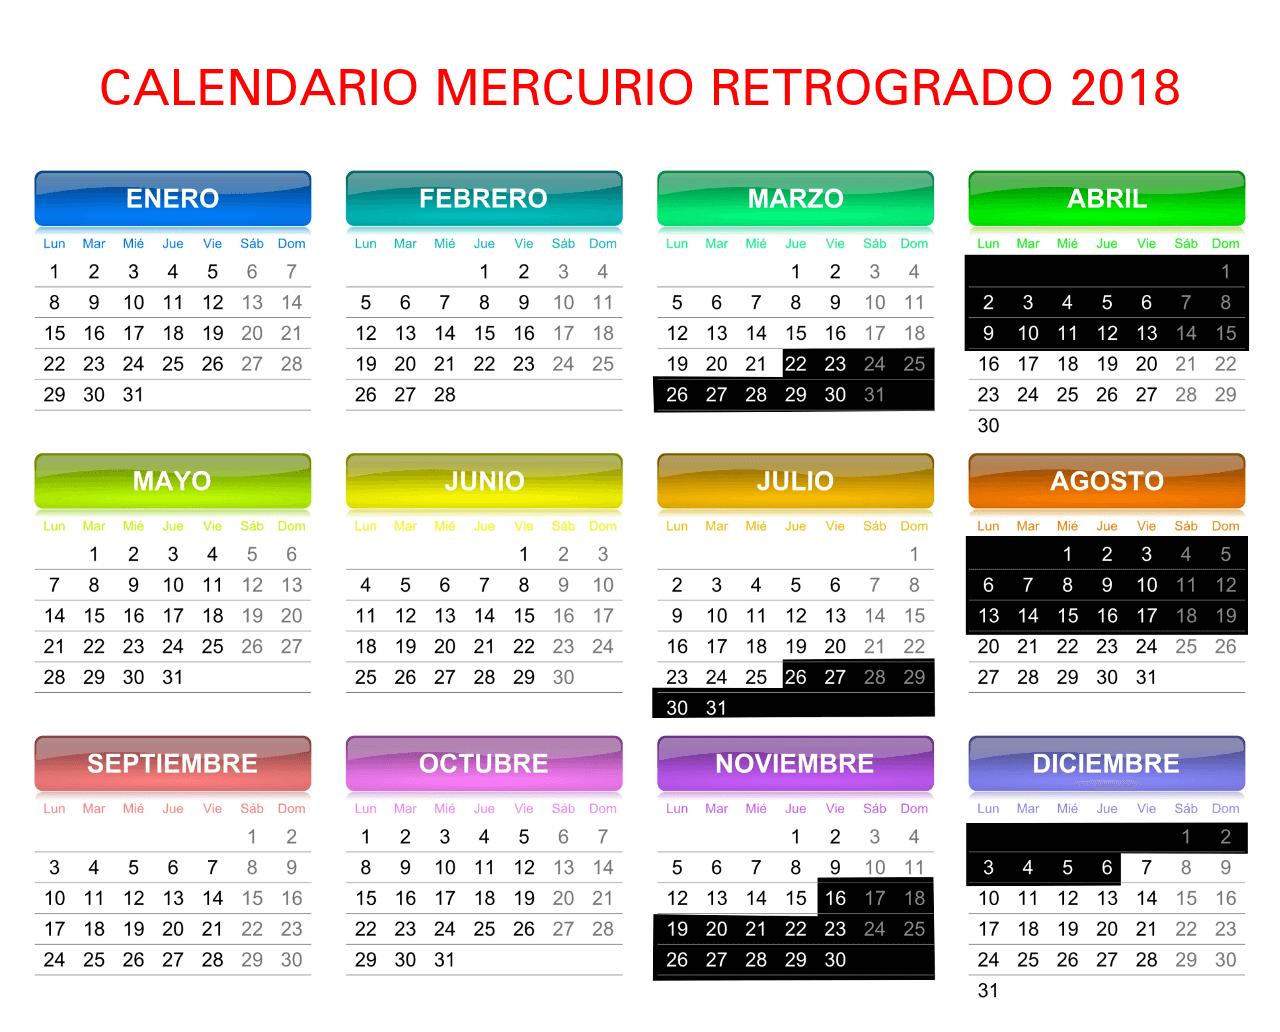 Mercurio Retrógrado 2018